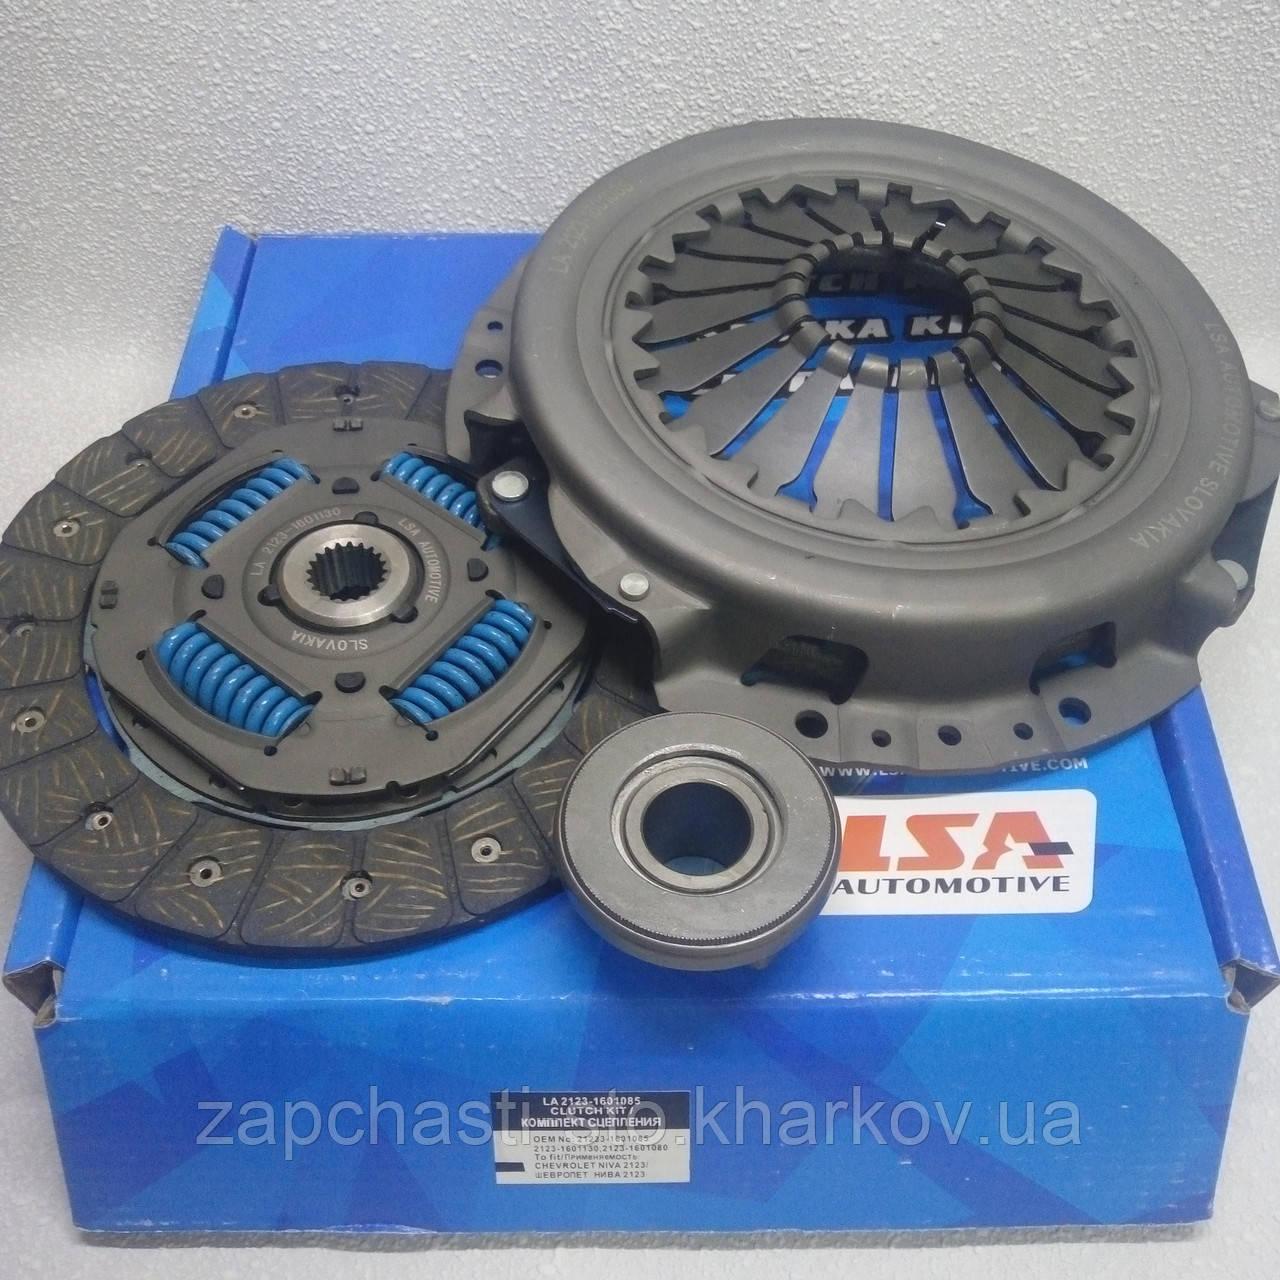 Сцепление комплект диск корзина выжимной Нива Шевроле 2123 LSA